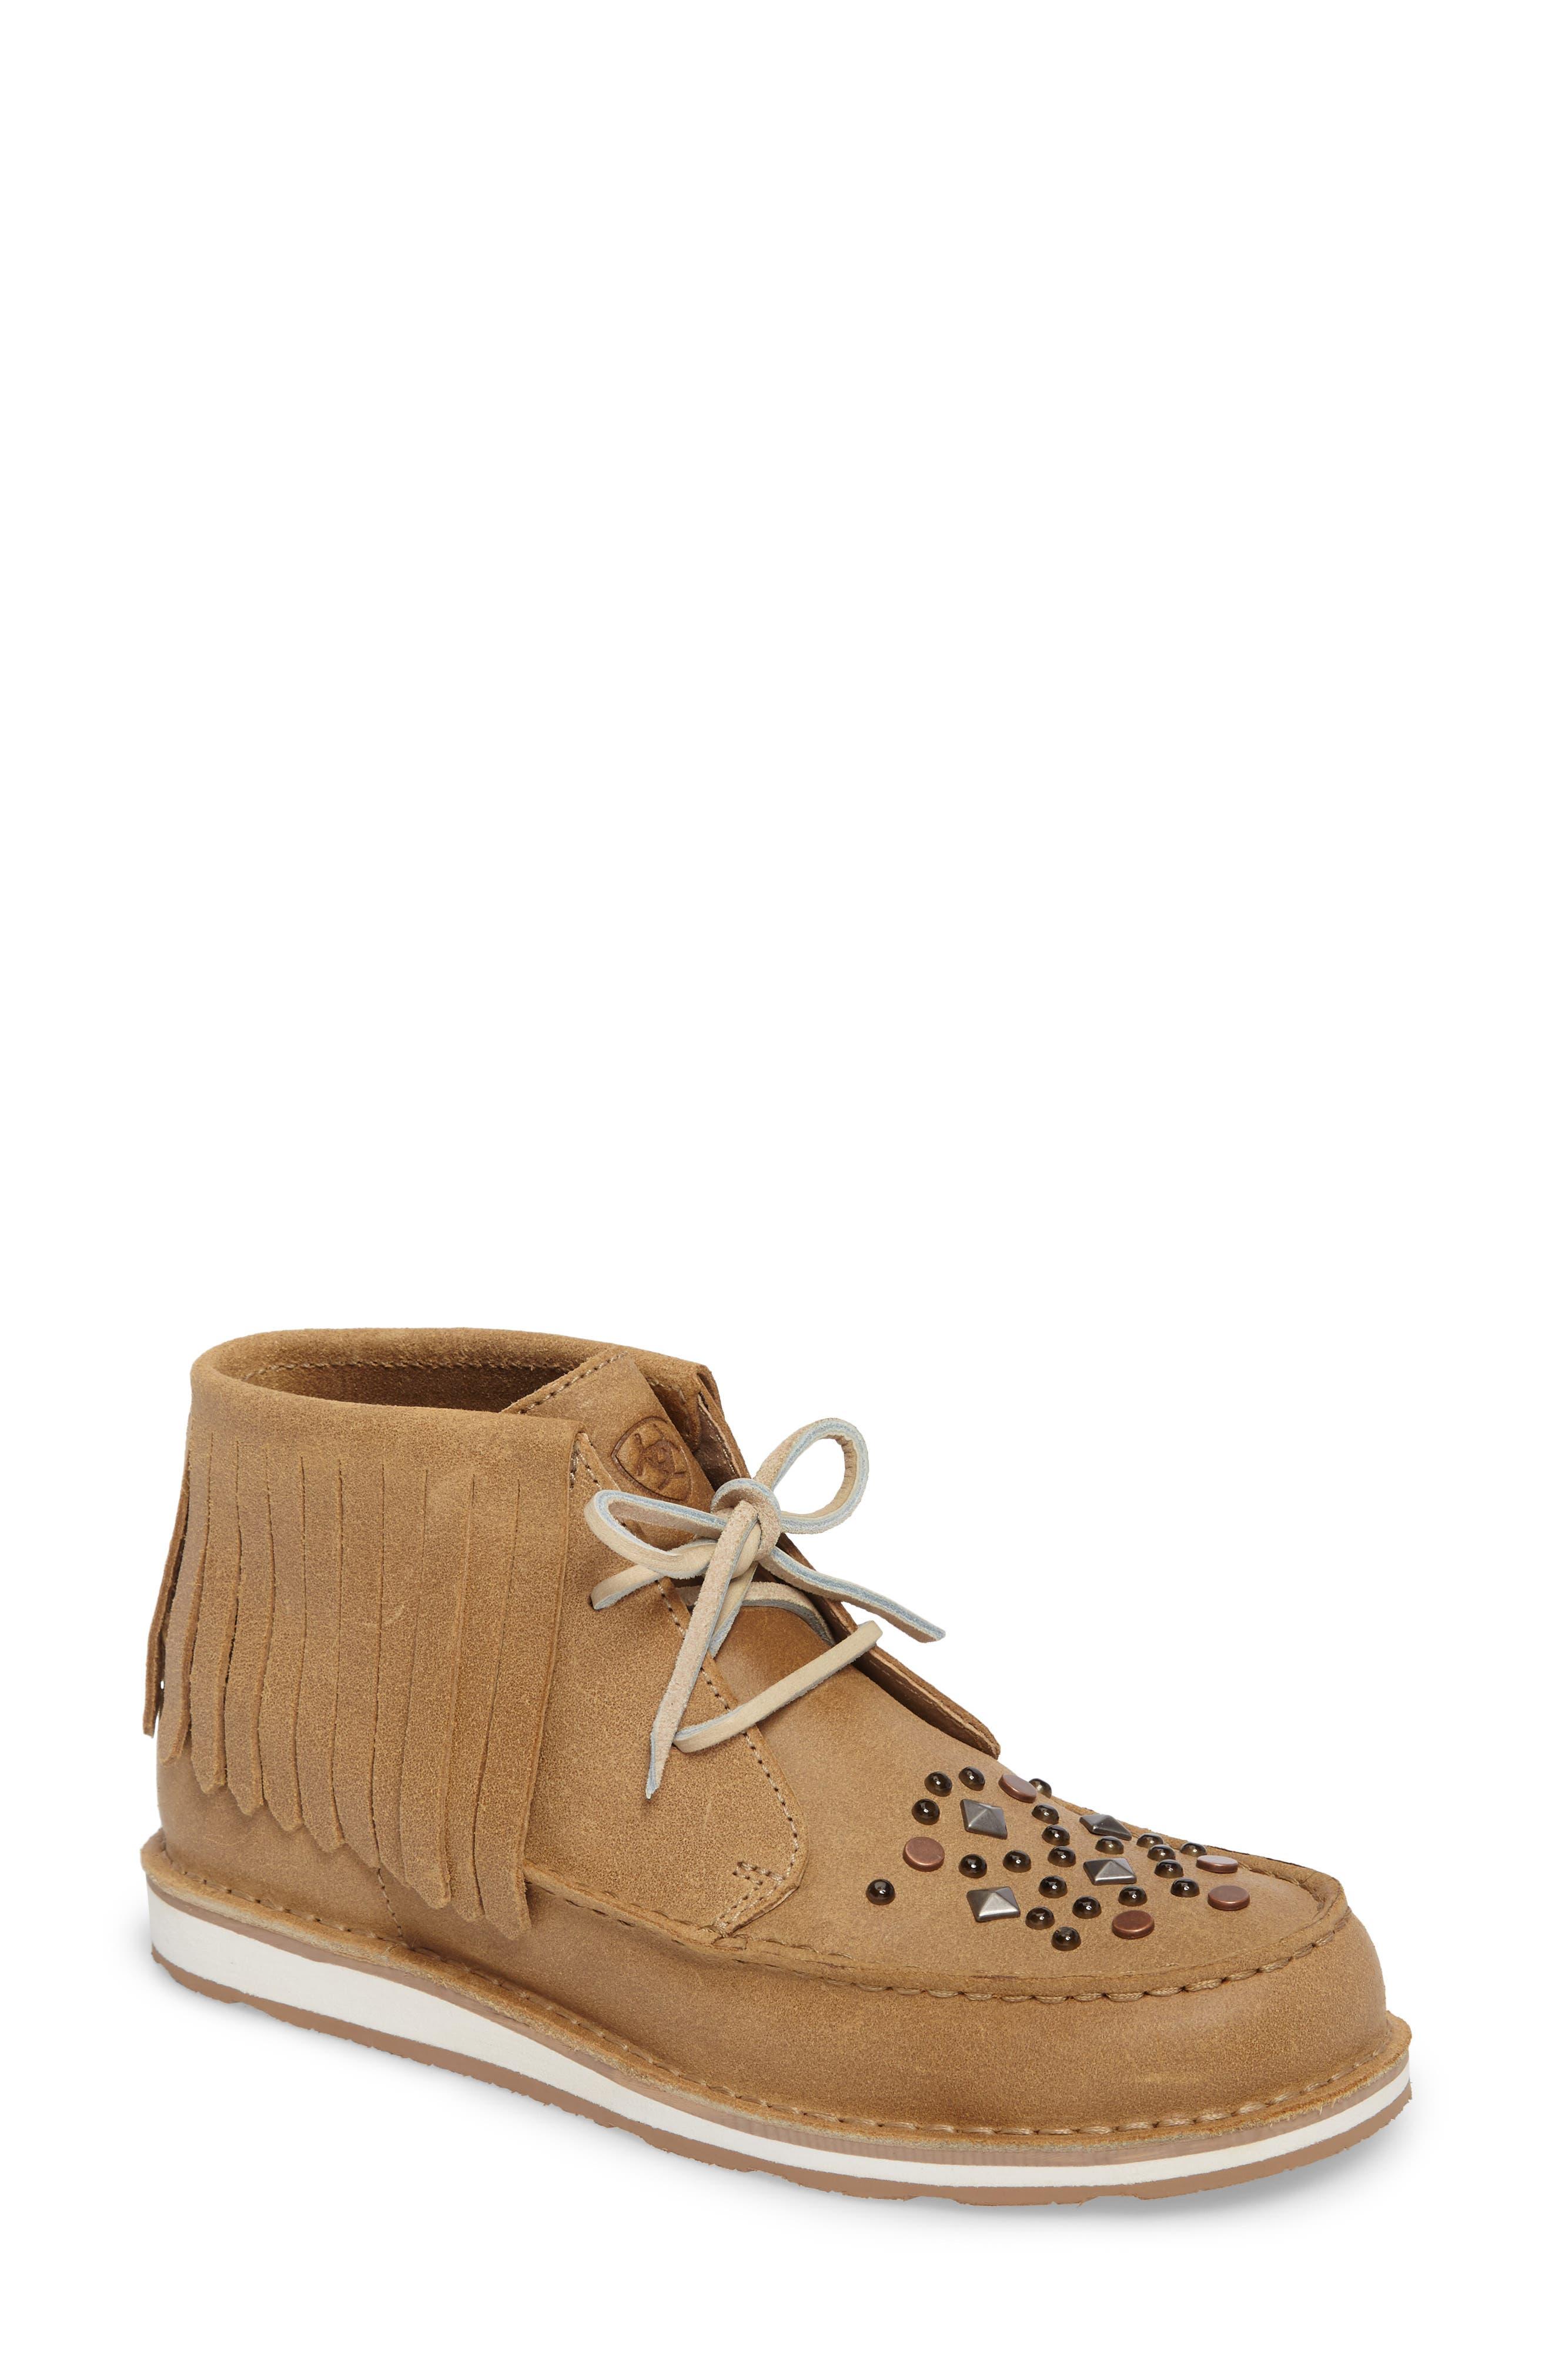 Ariat Cruiser Fringe Chukka Boot (Women)